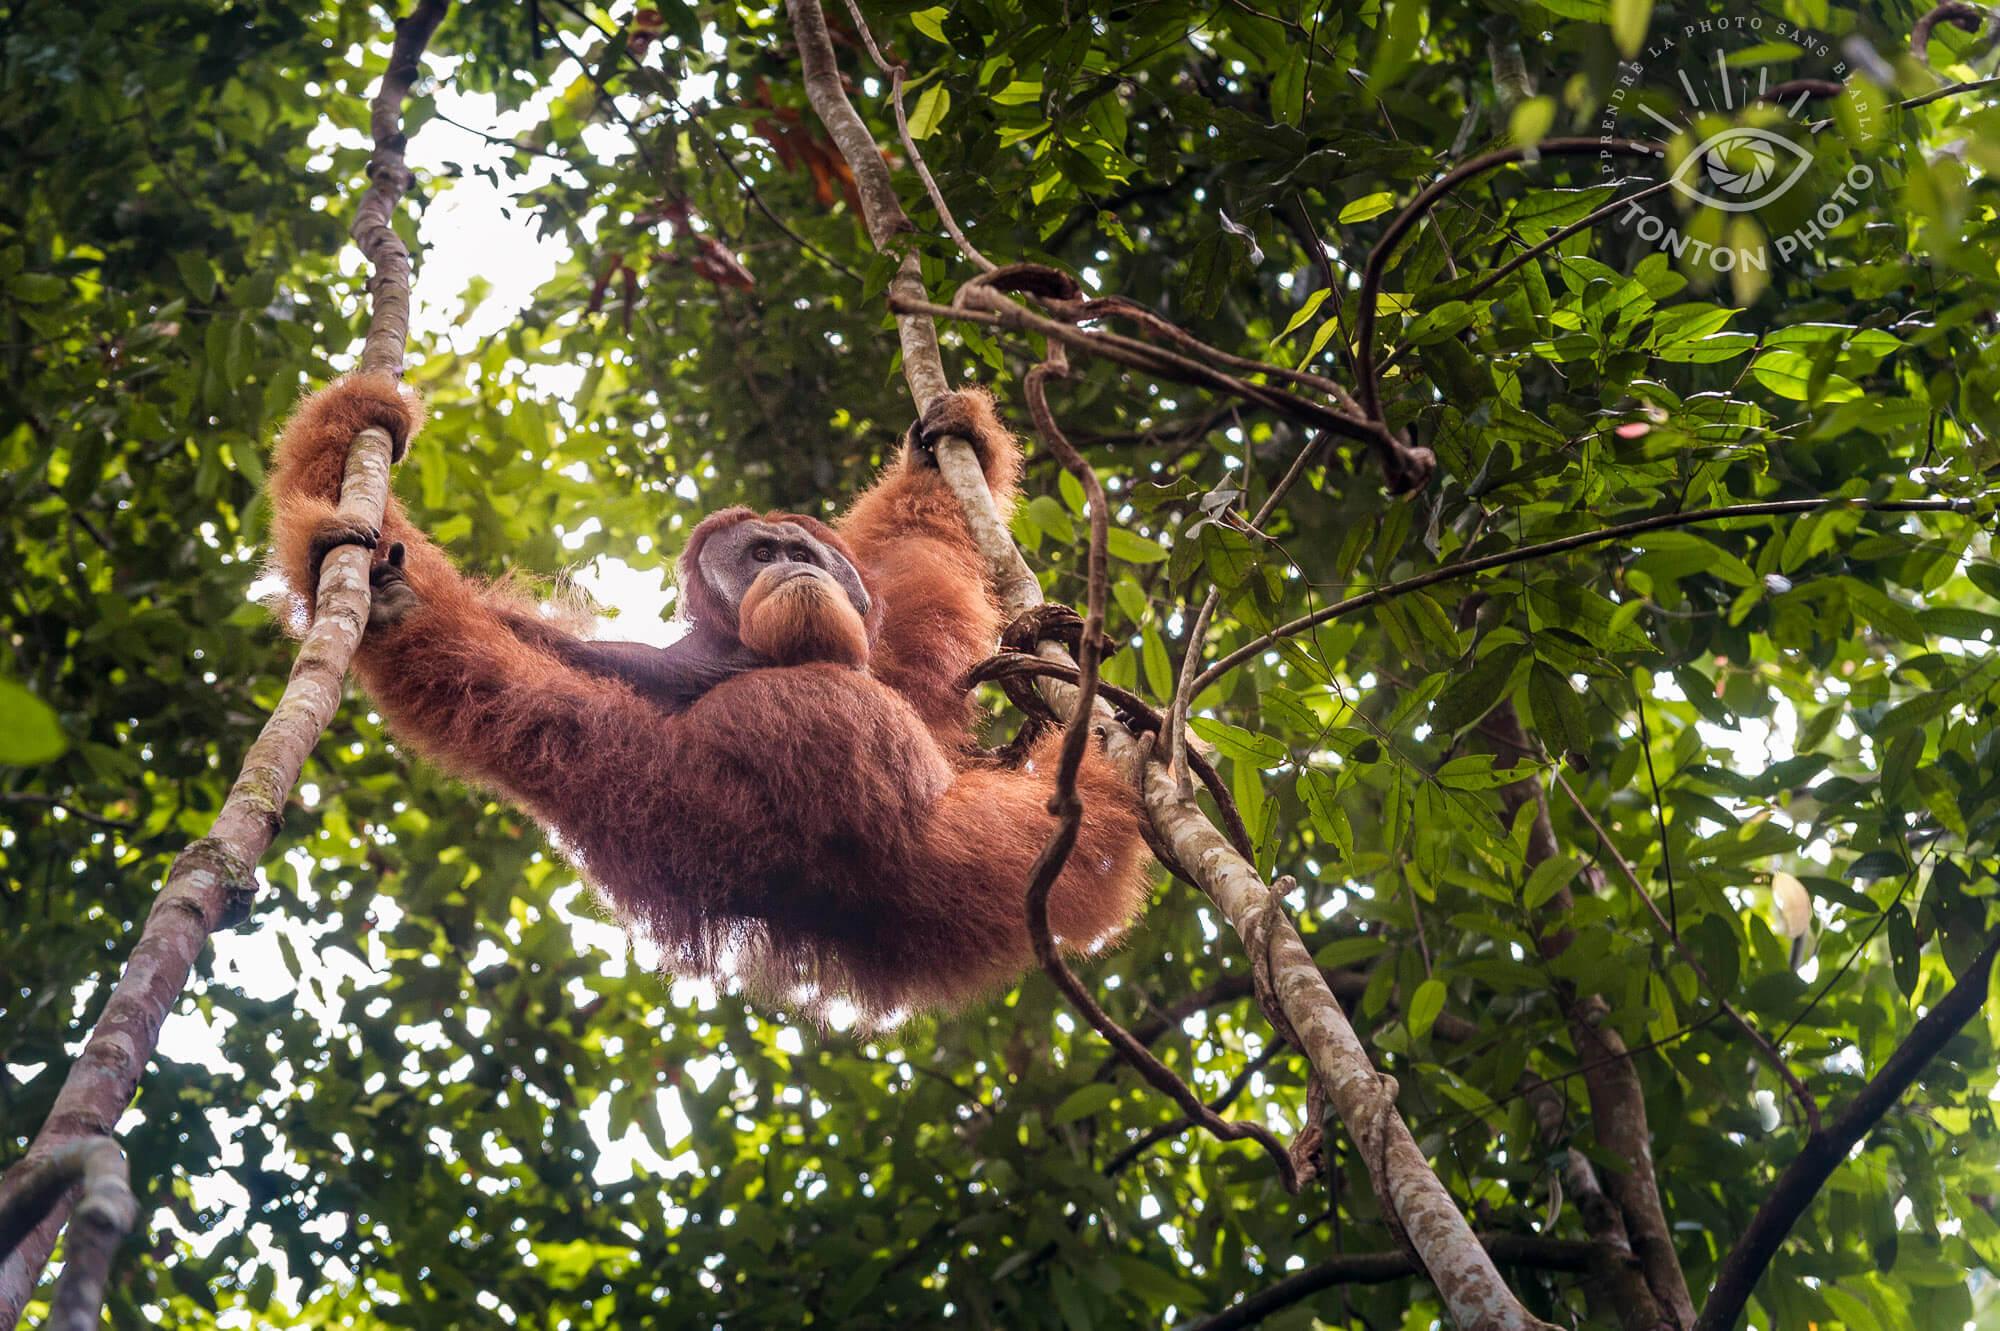 La mine avenante d'un mâle dominant ;) Orang-outan de Bukit Lawang, Sumatra, Indonésie © Clément Racineux / Tonton Photo